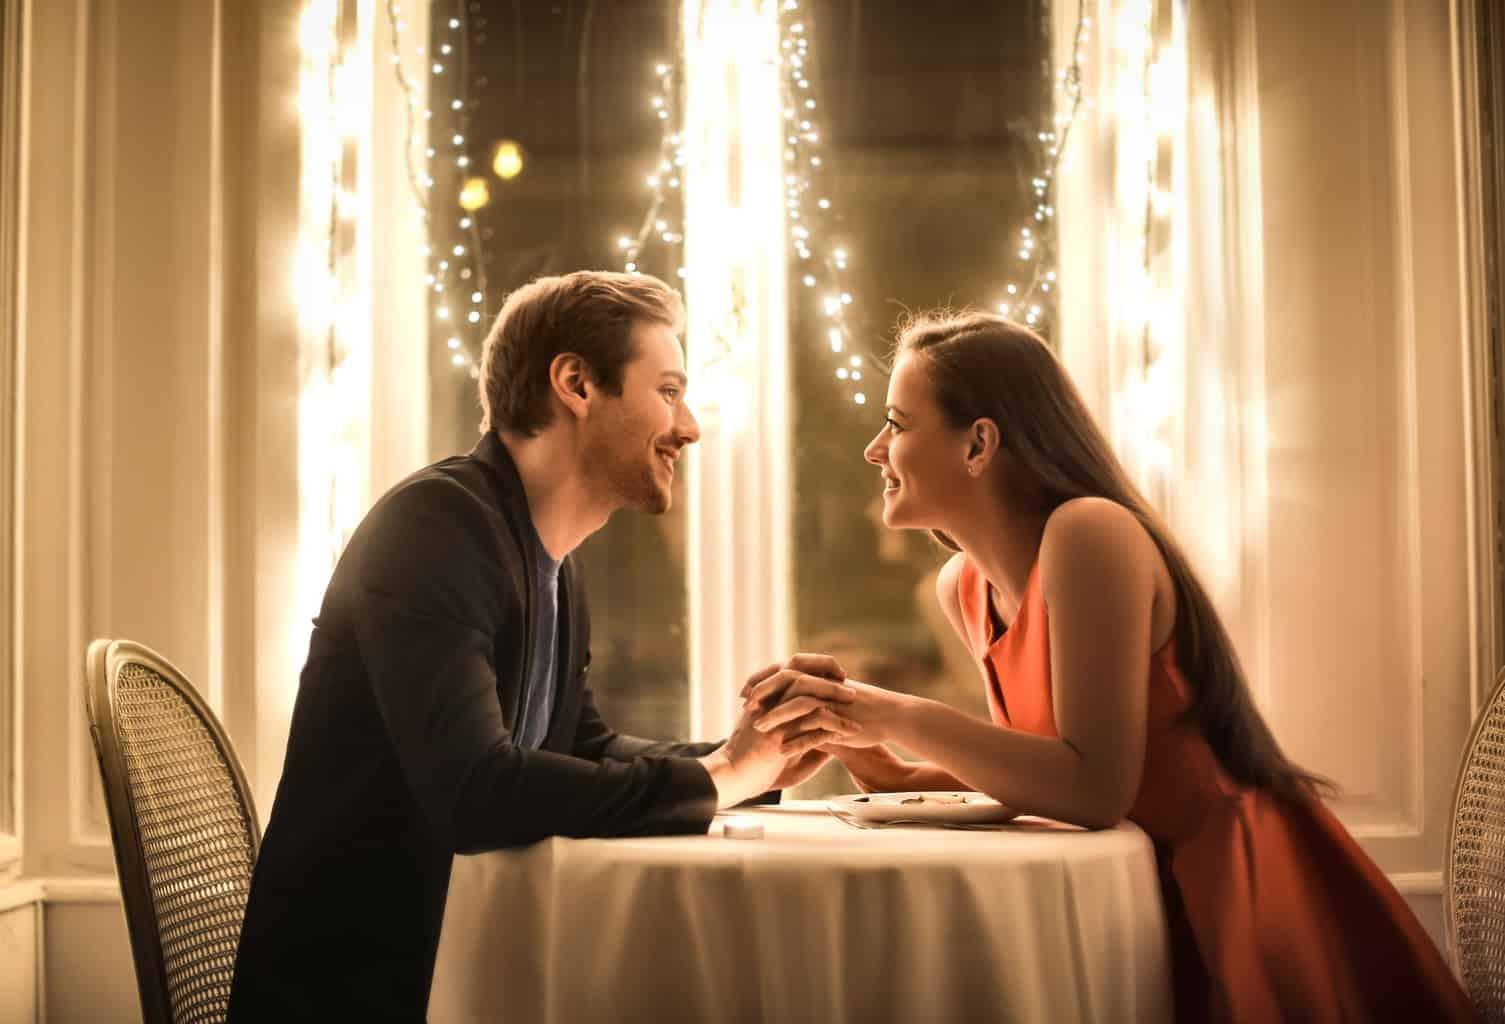 Có ý nghĩa gì khi mơ thấy hẹn hò – Mơ thấy hẹn hò đánh đề con gì?